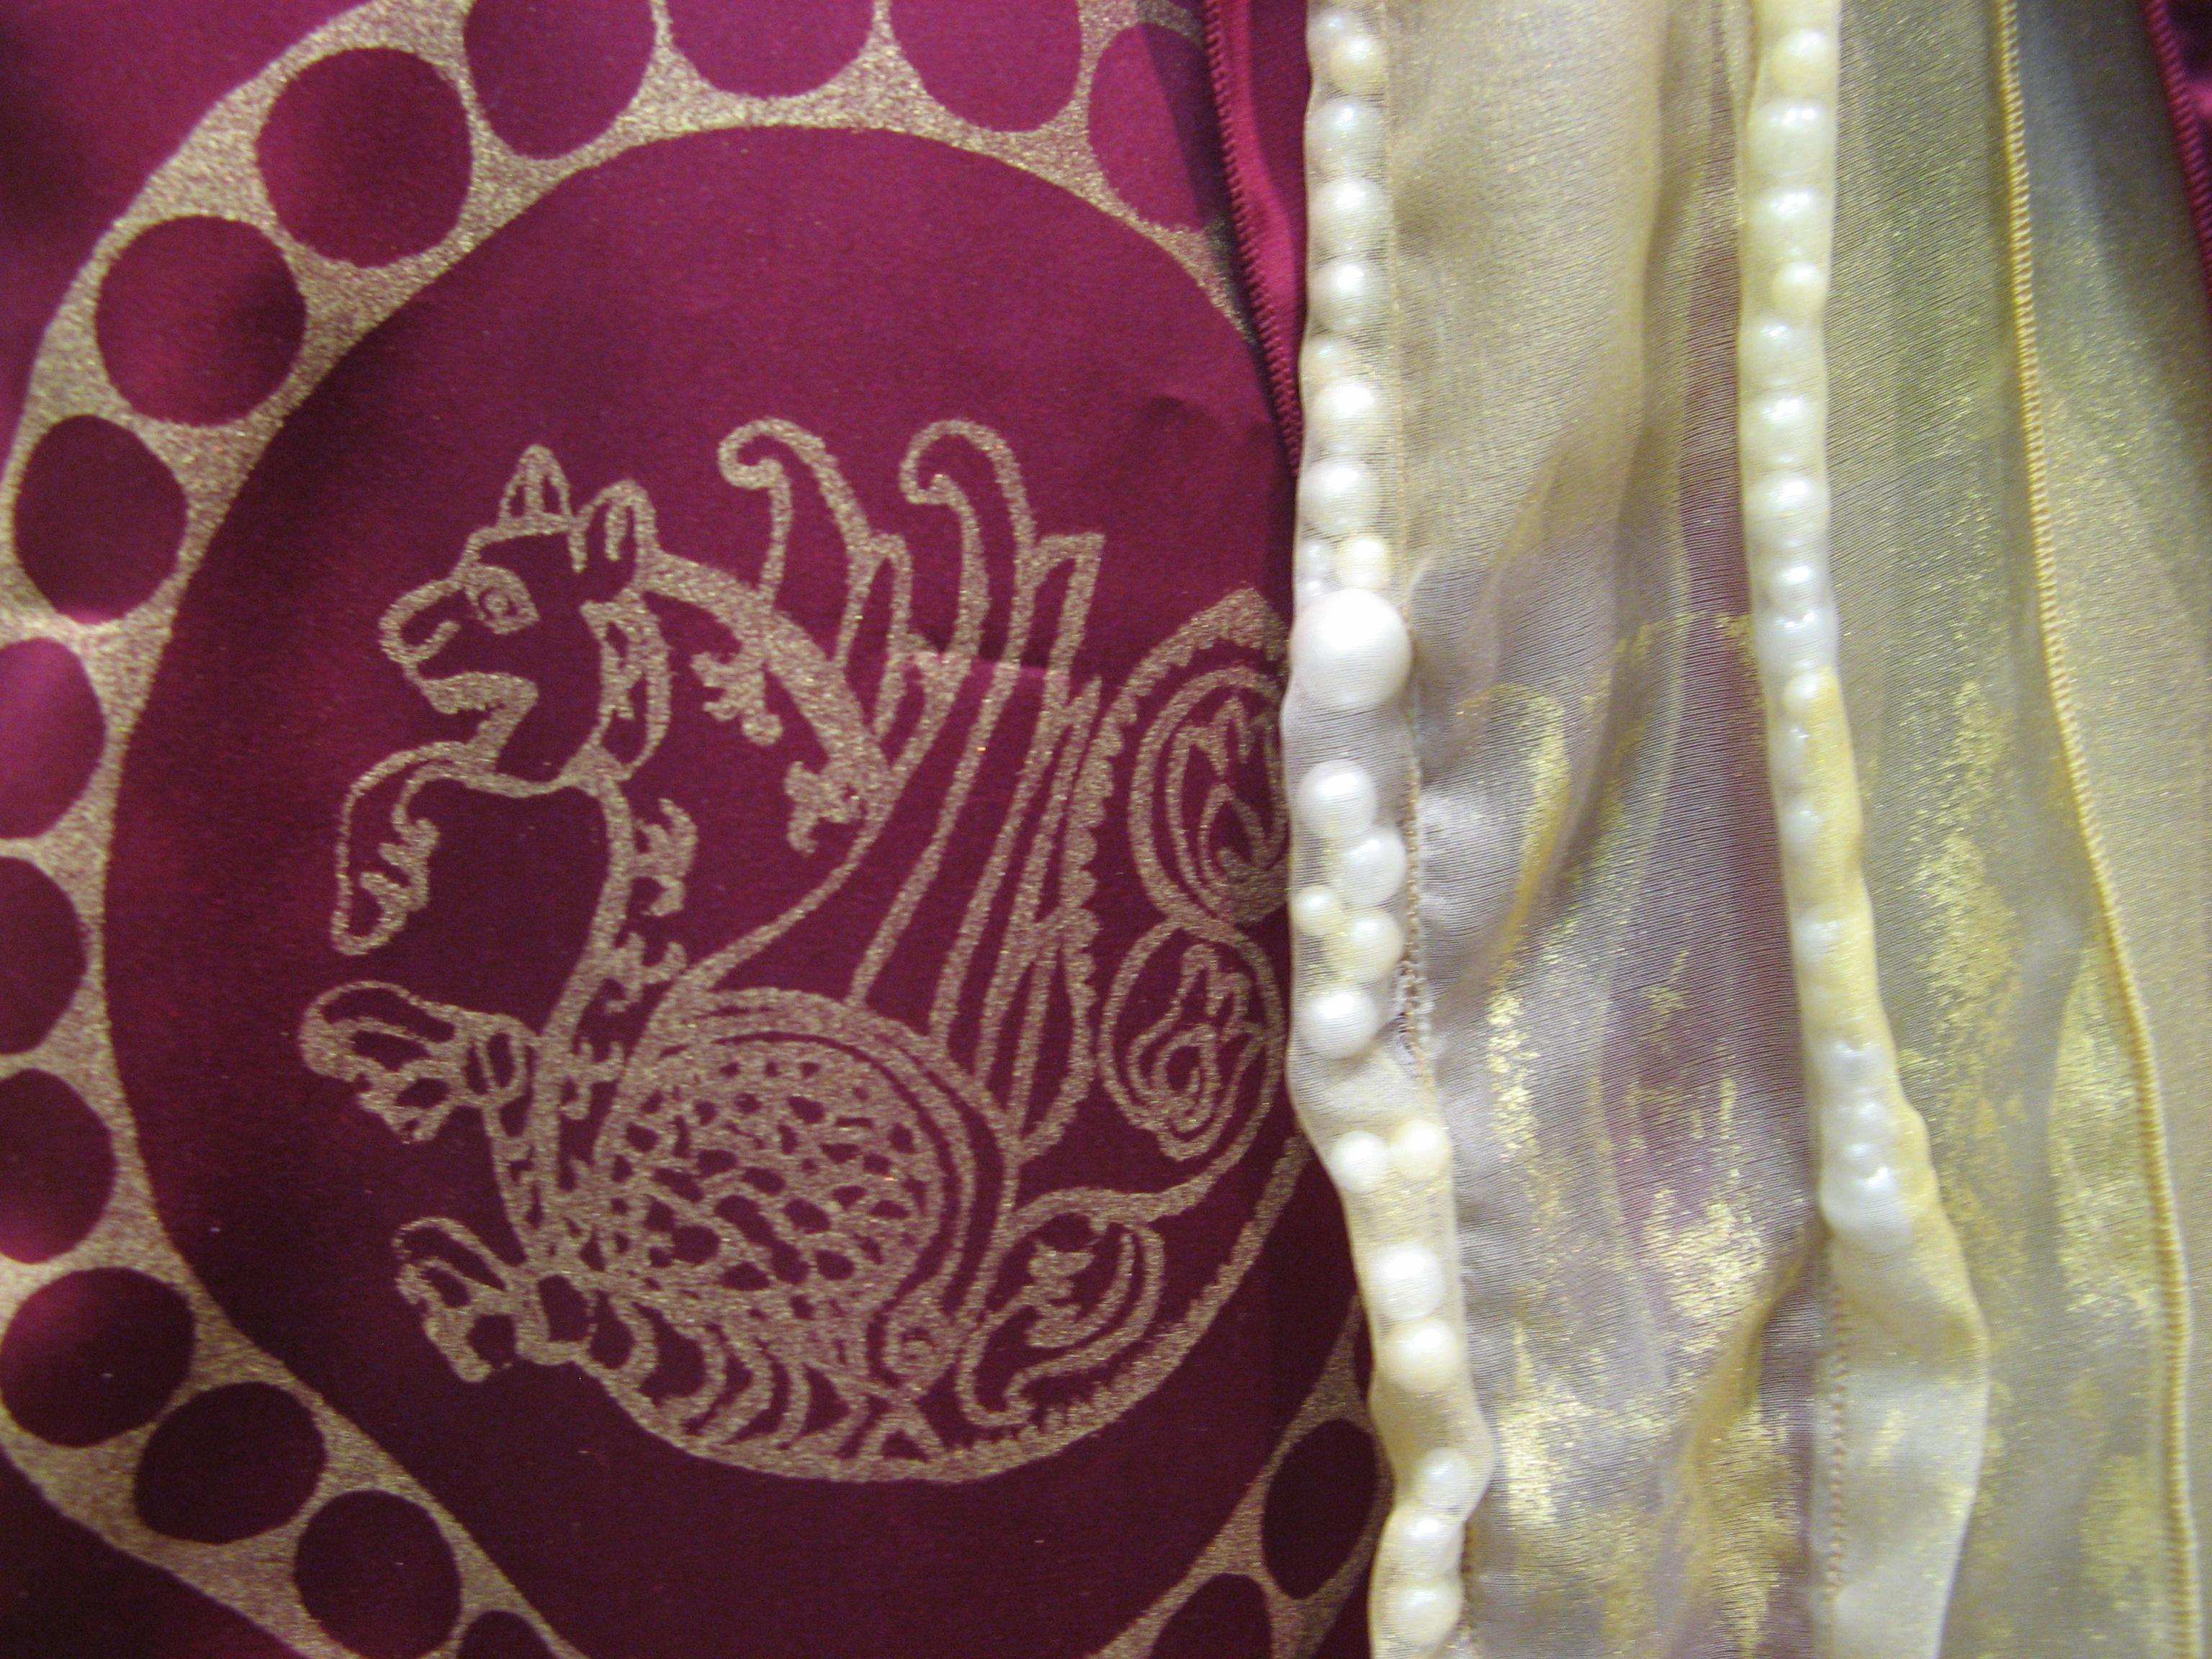 Munroe-Medallion Palace detail